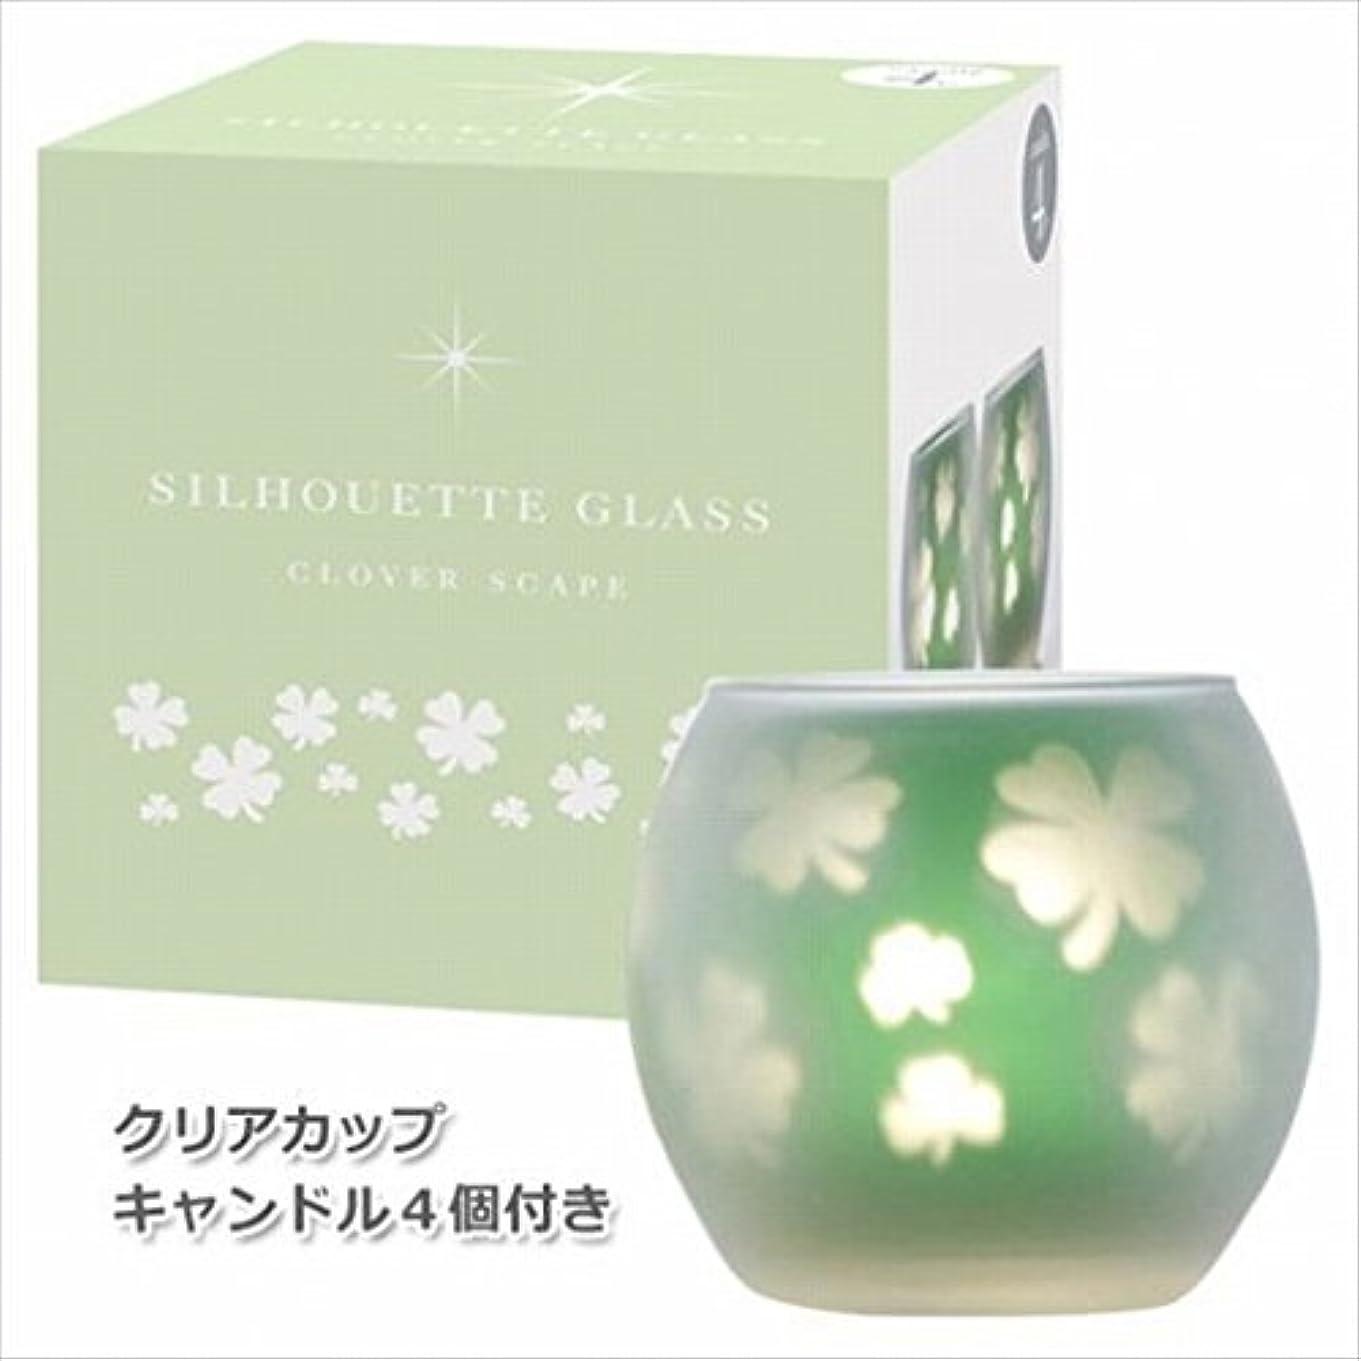 バスタブすみません郵便局カメヤマキャンドル(kameyama candle) クローバースケープ2【キャンドル4個付き】 シルエットグラス